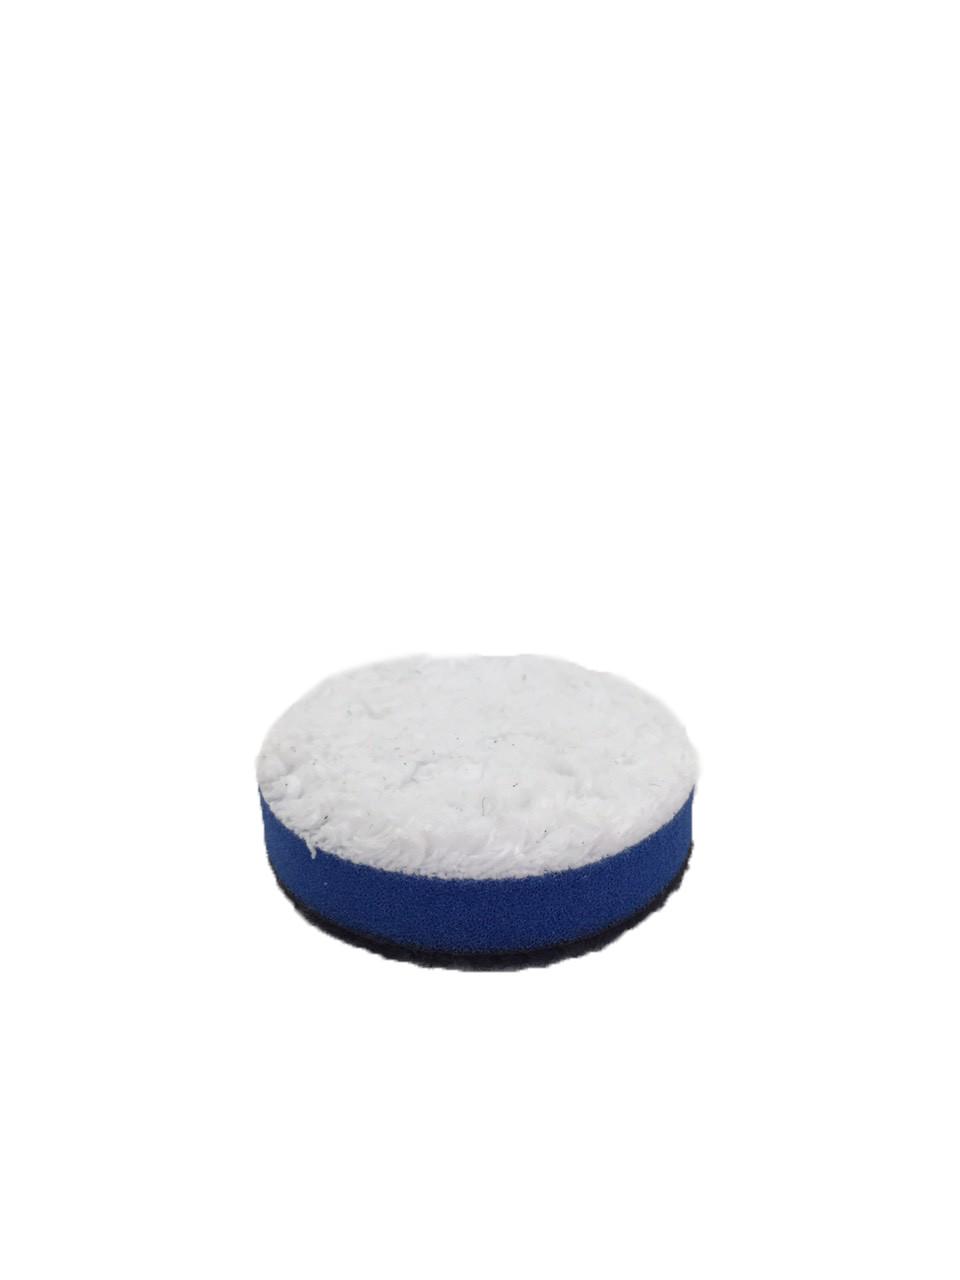 Полировальный круг микрофибровый жесткий - Lake Country Microfiber White Cutting 50 мм (MF-225 CUT)